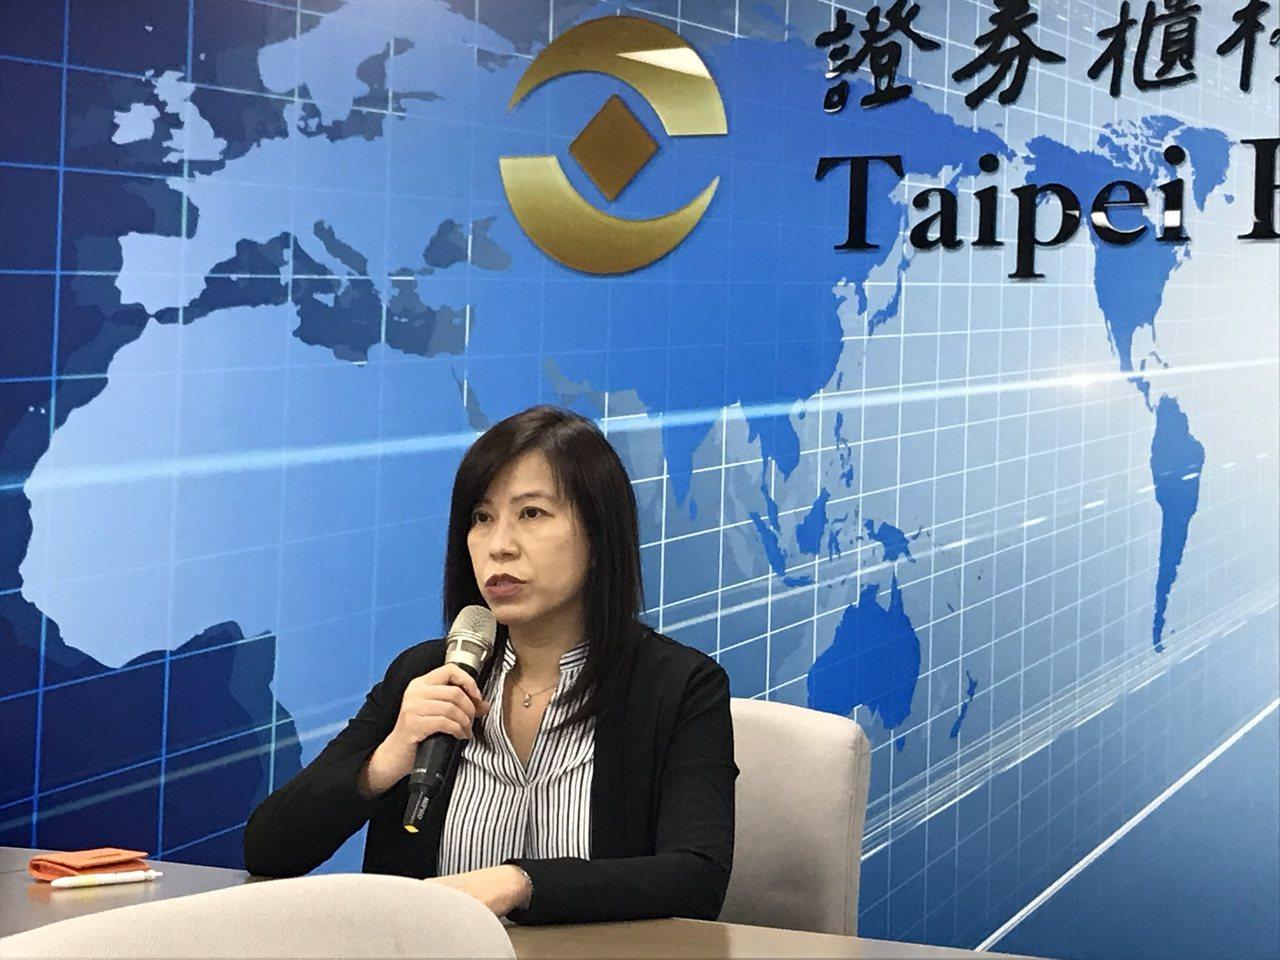 達威光電發言人李曉青今(1)日赴OTC發布重訊,宣布出售福德工廠,估獲利7360...